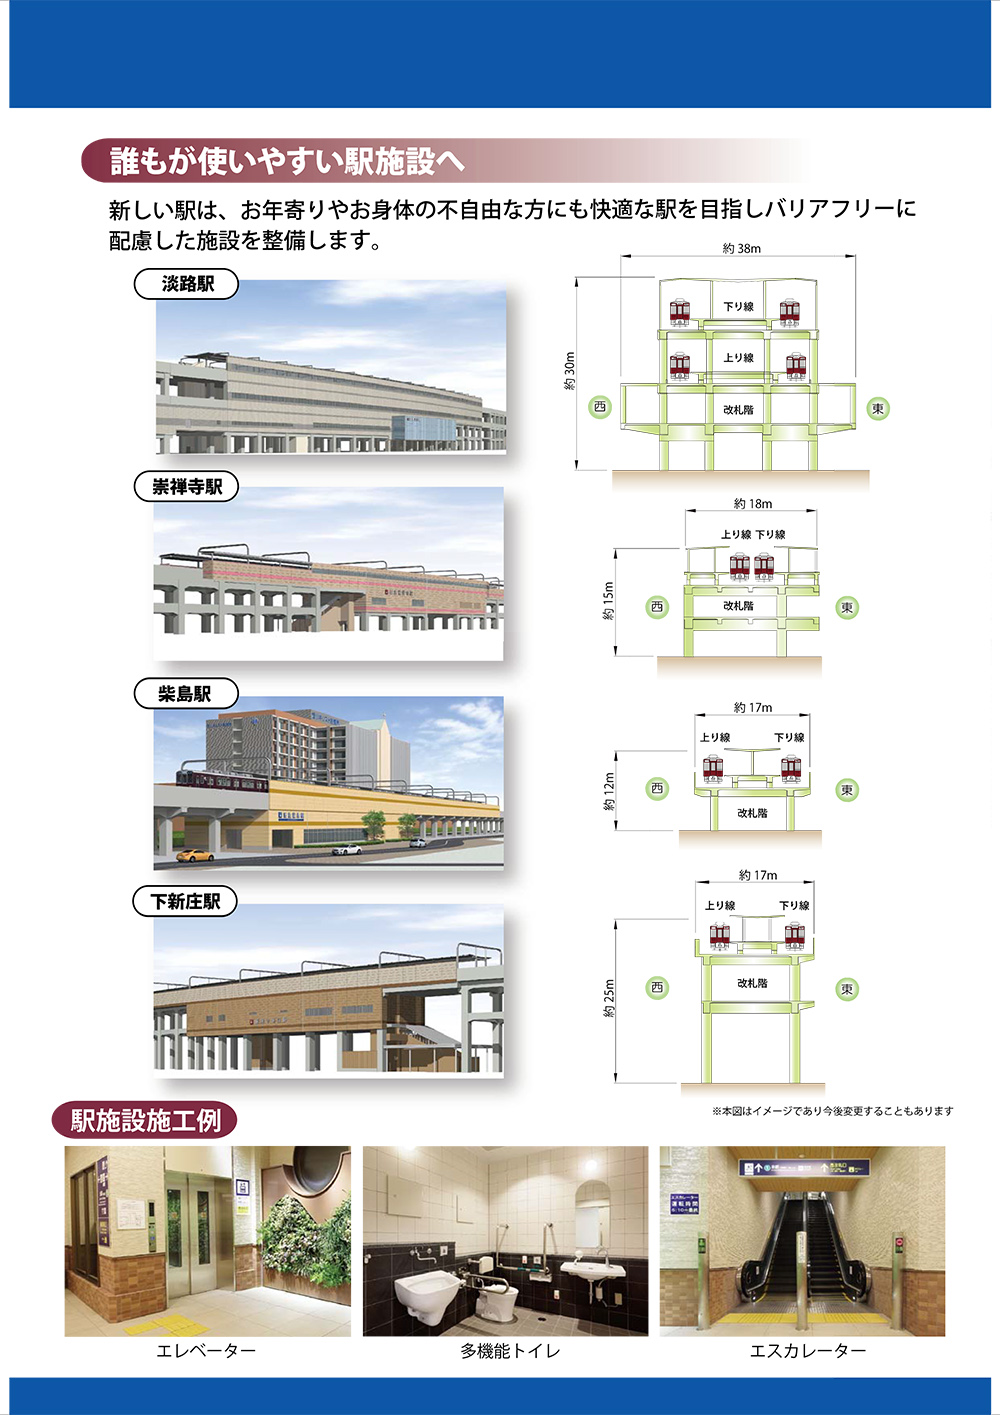 阪急工事断面図